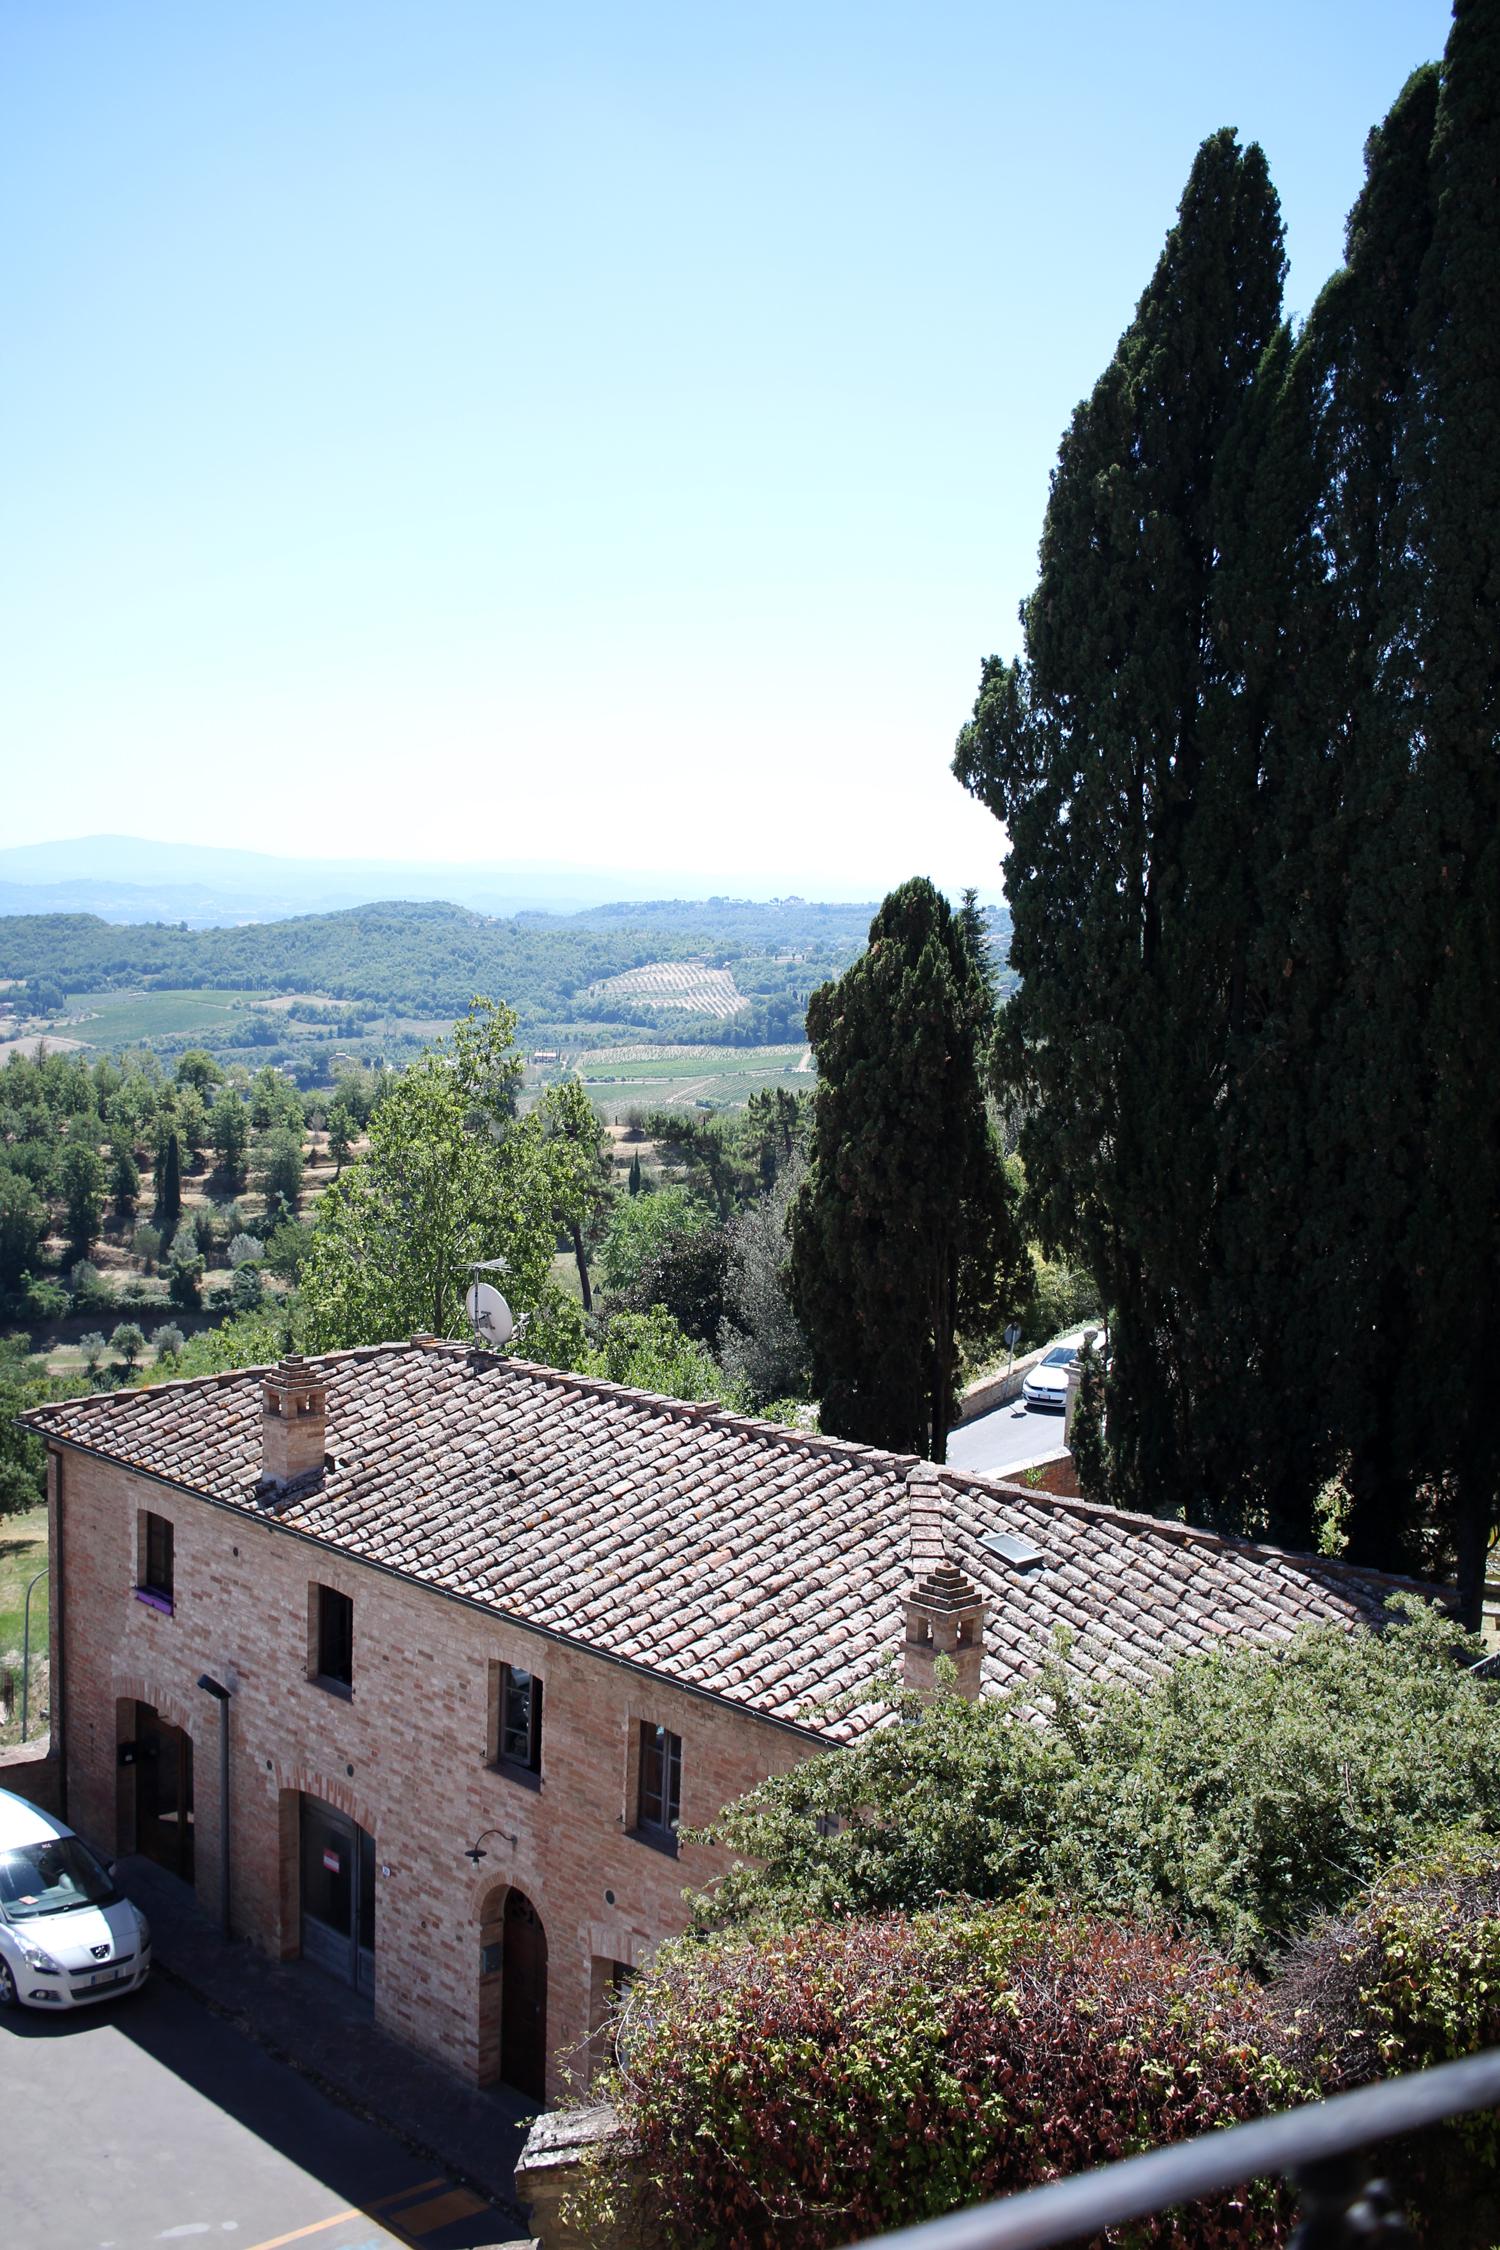 tuscany-italy-montepulciano-travel-blogger-15